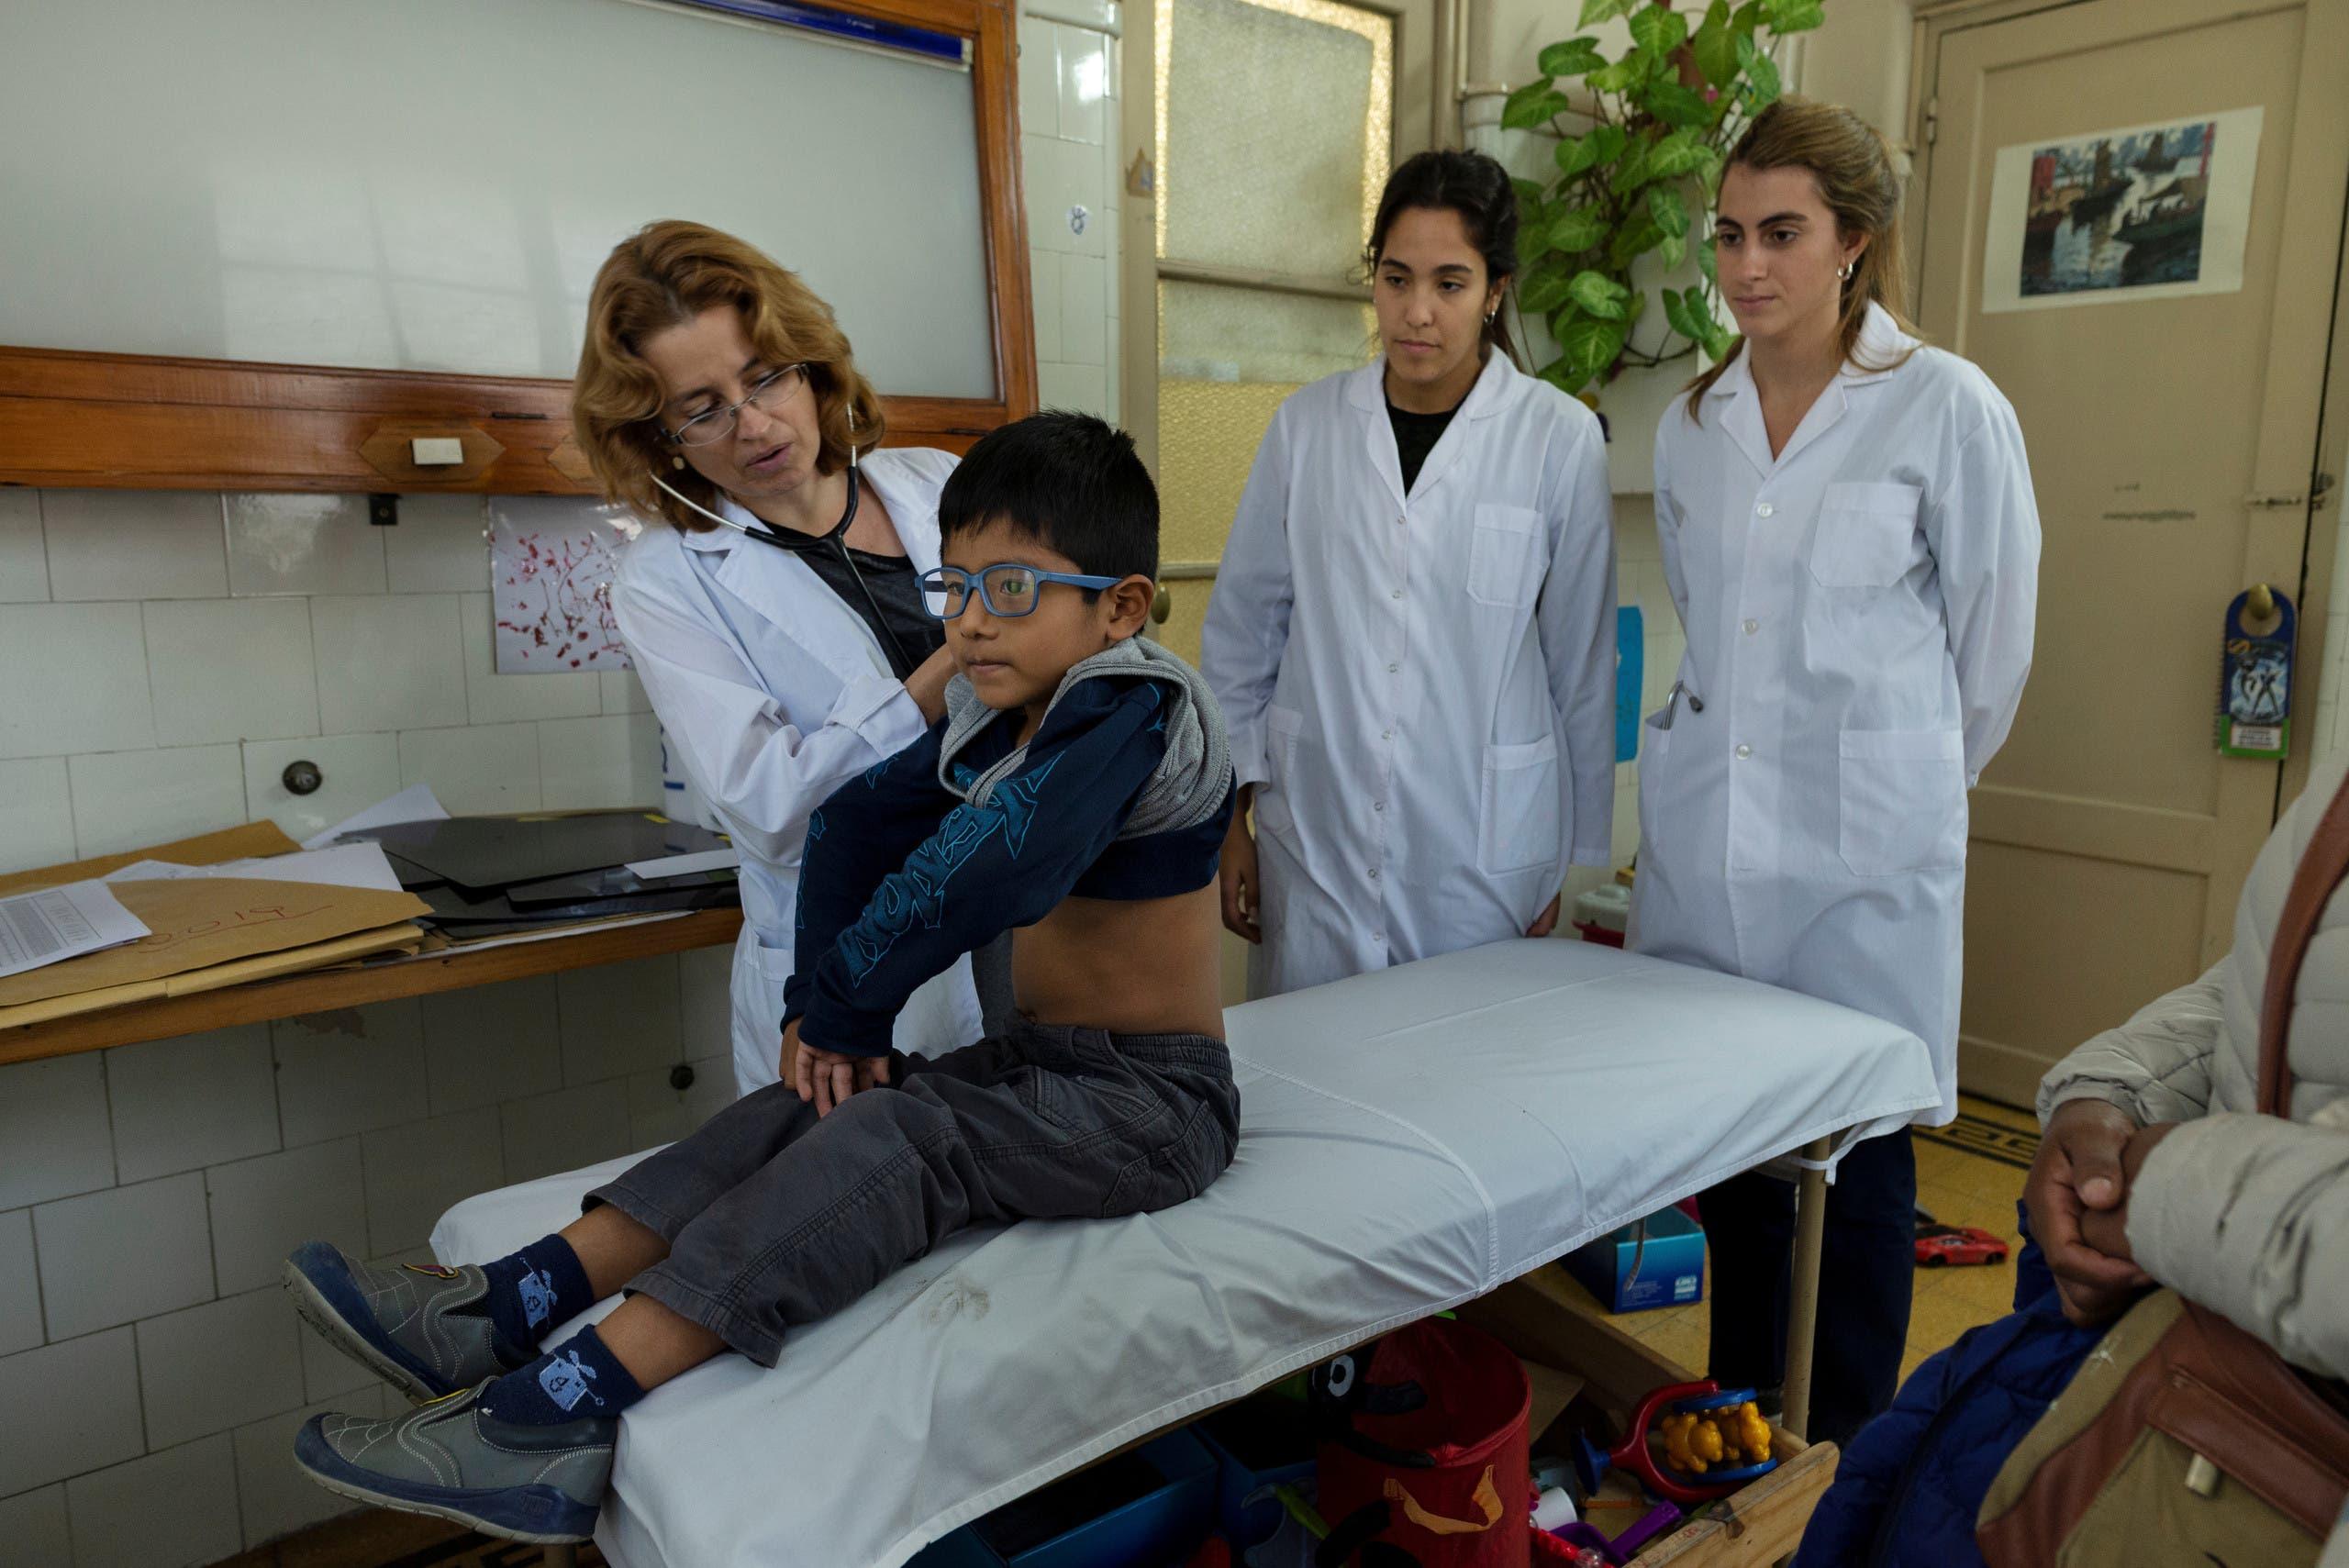 طبيبة في الارجنتين تعاين طفل مصاب بالسل